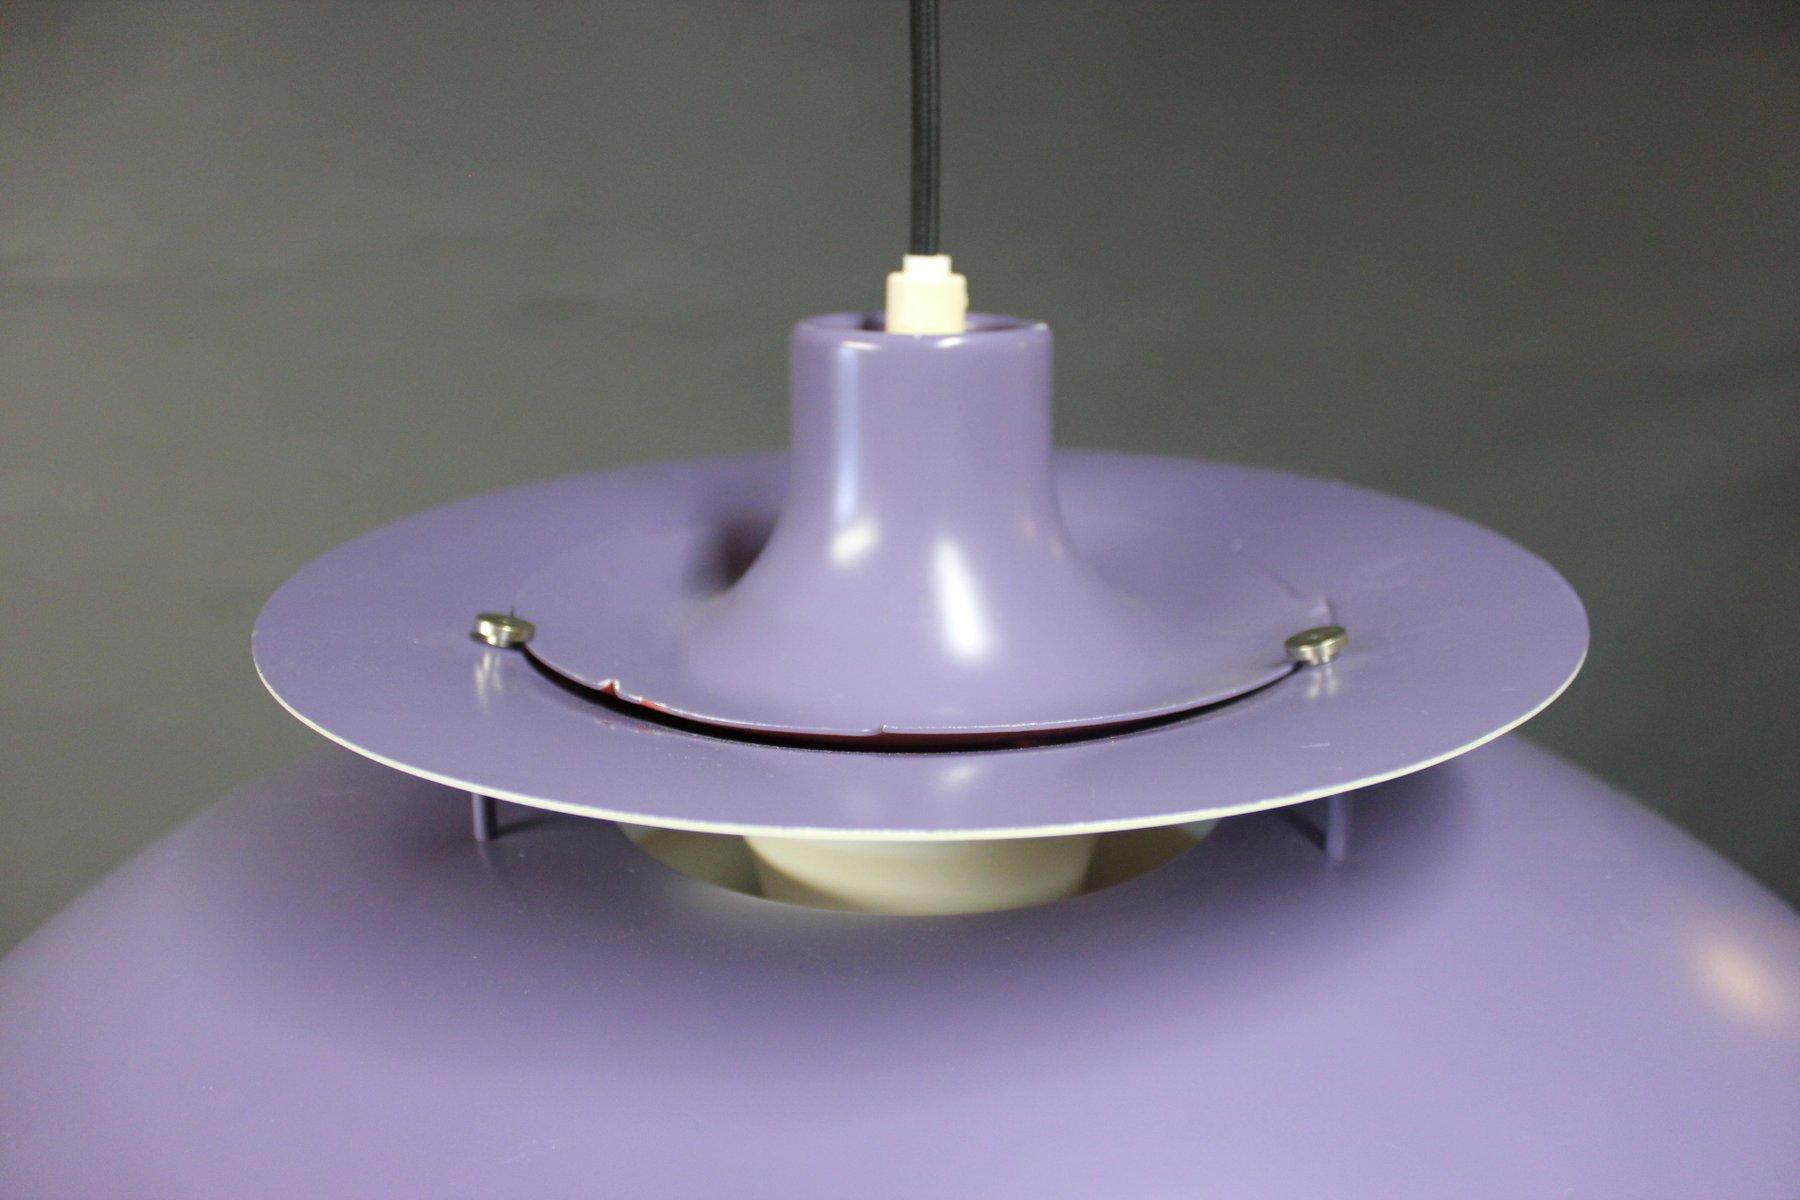 ph 5 lampe designprocessen id til brug ph s lamper ph 5. Black Bedroom Furniture Sets. Home Design Ideas